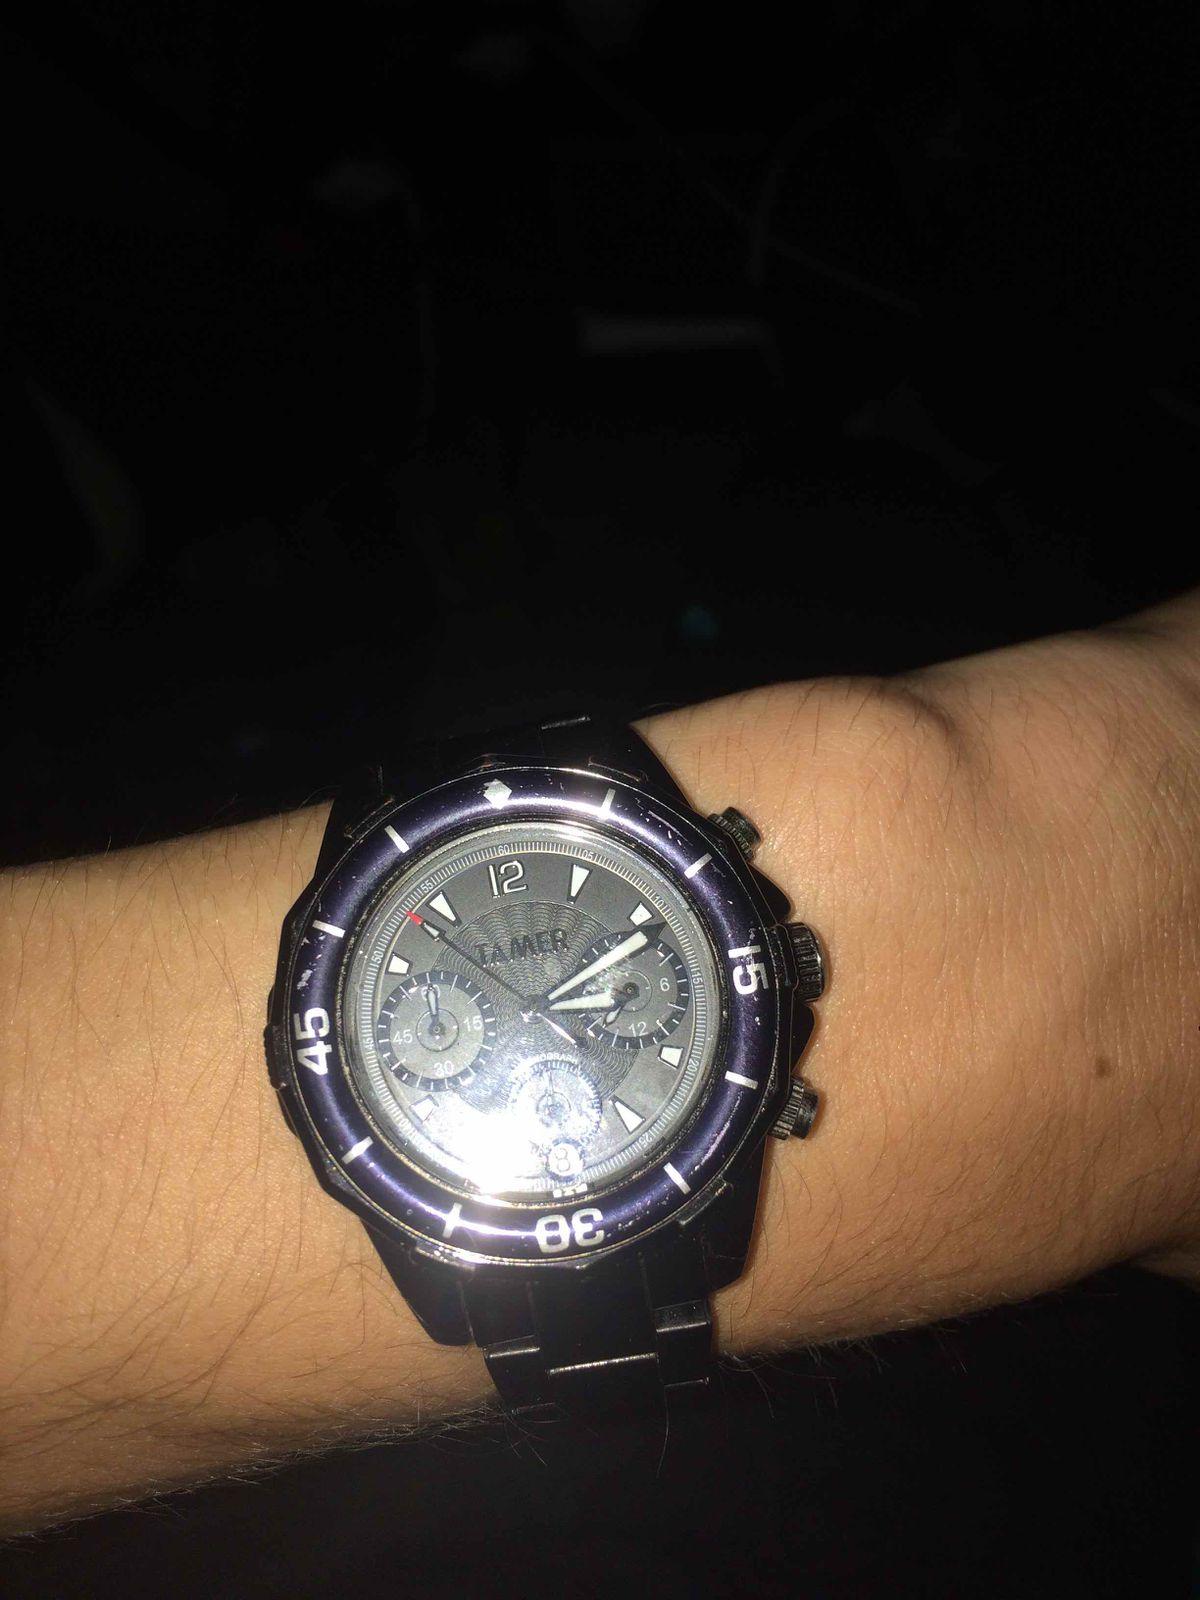 Хорошие часы за свои деньги